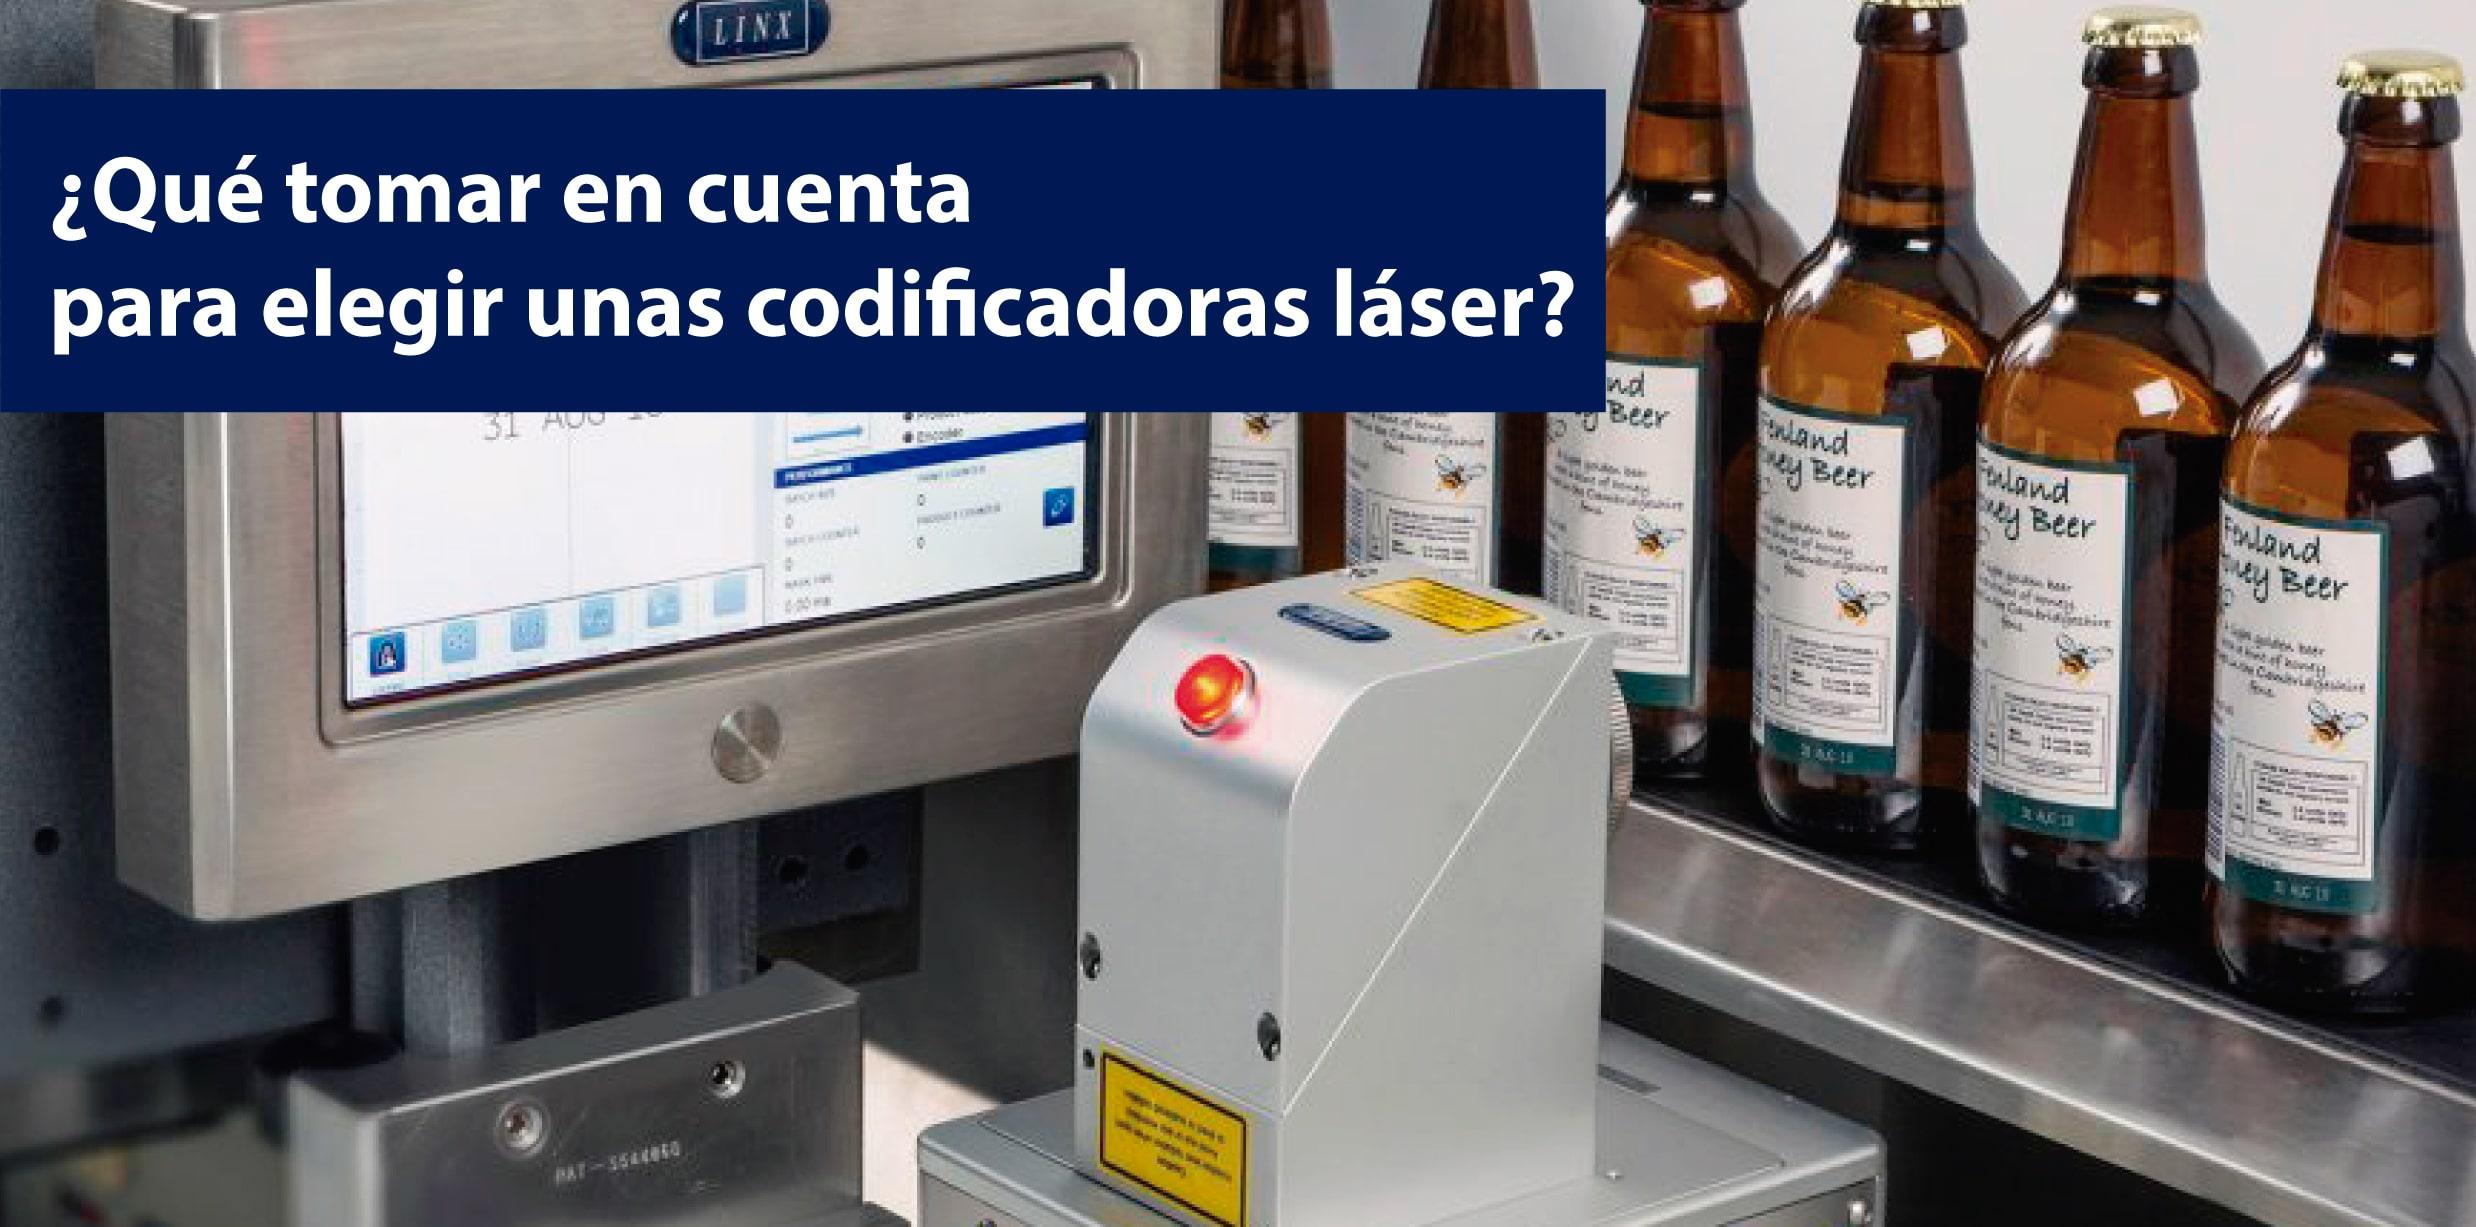 codificadoras láser